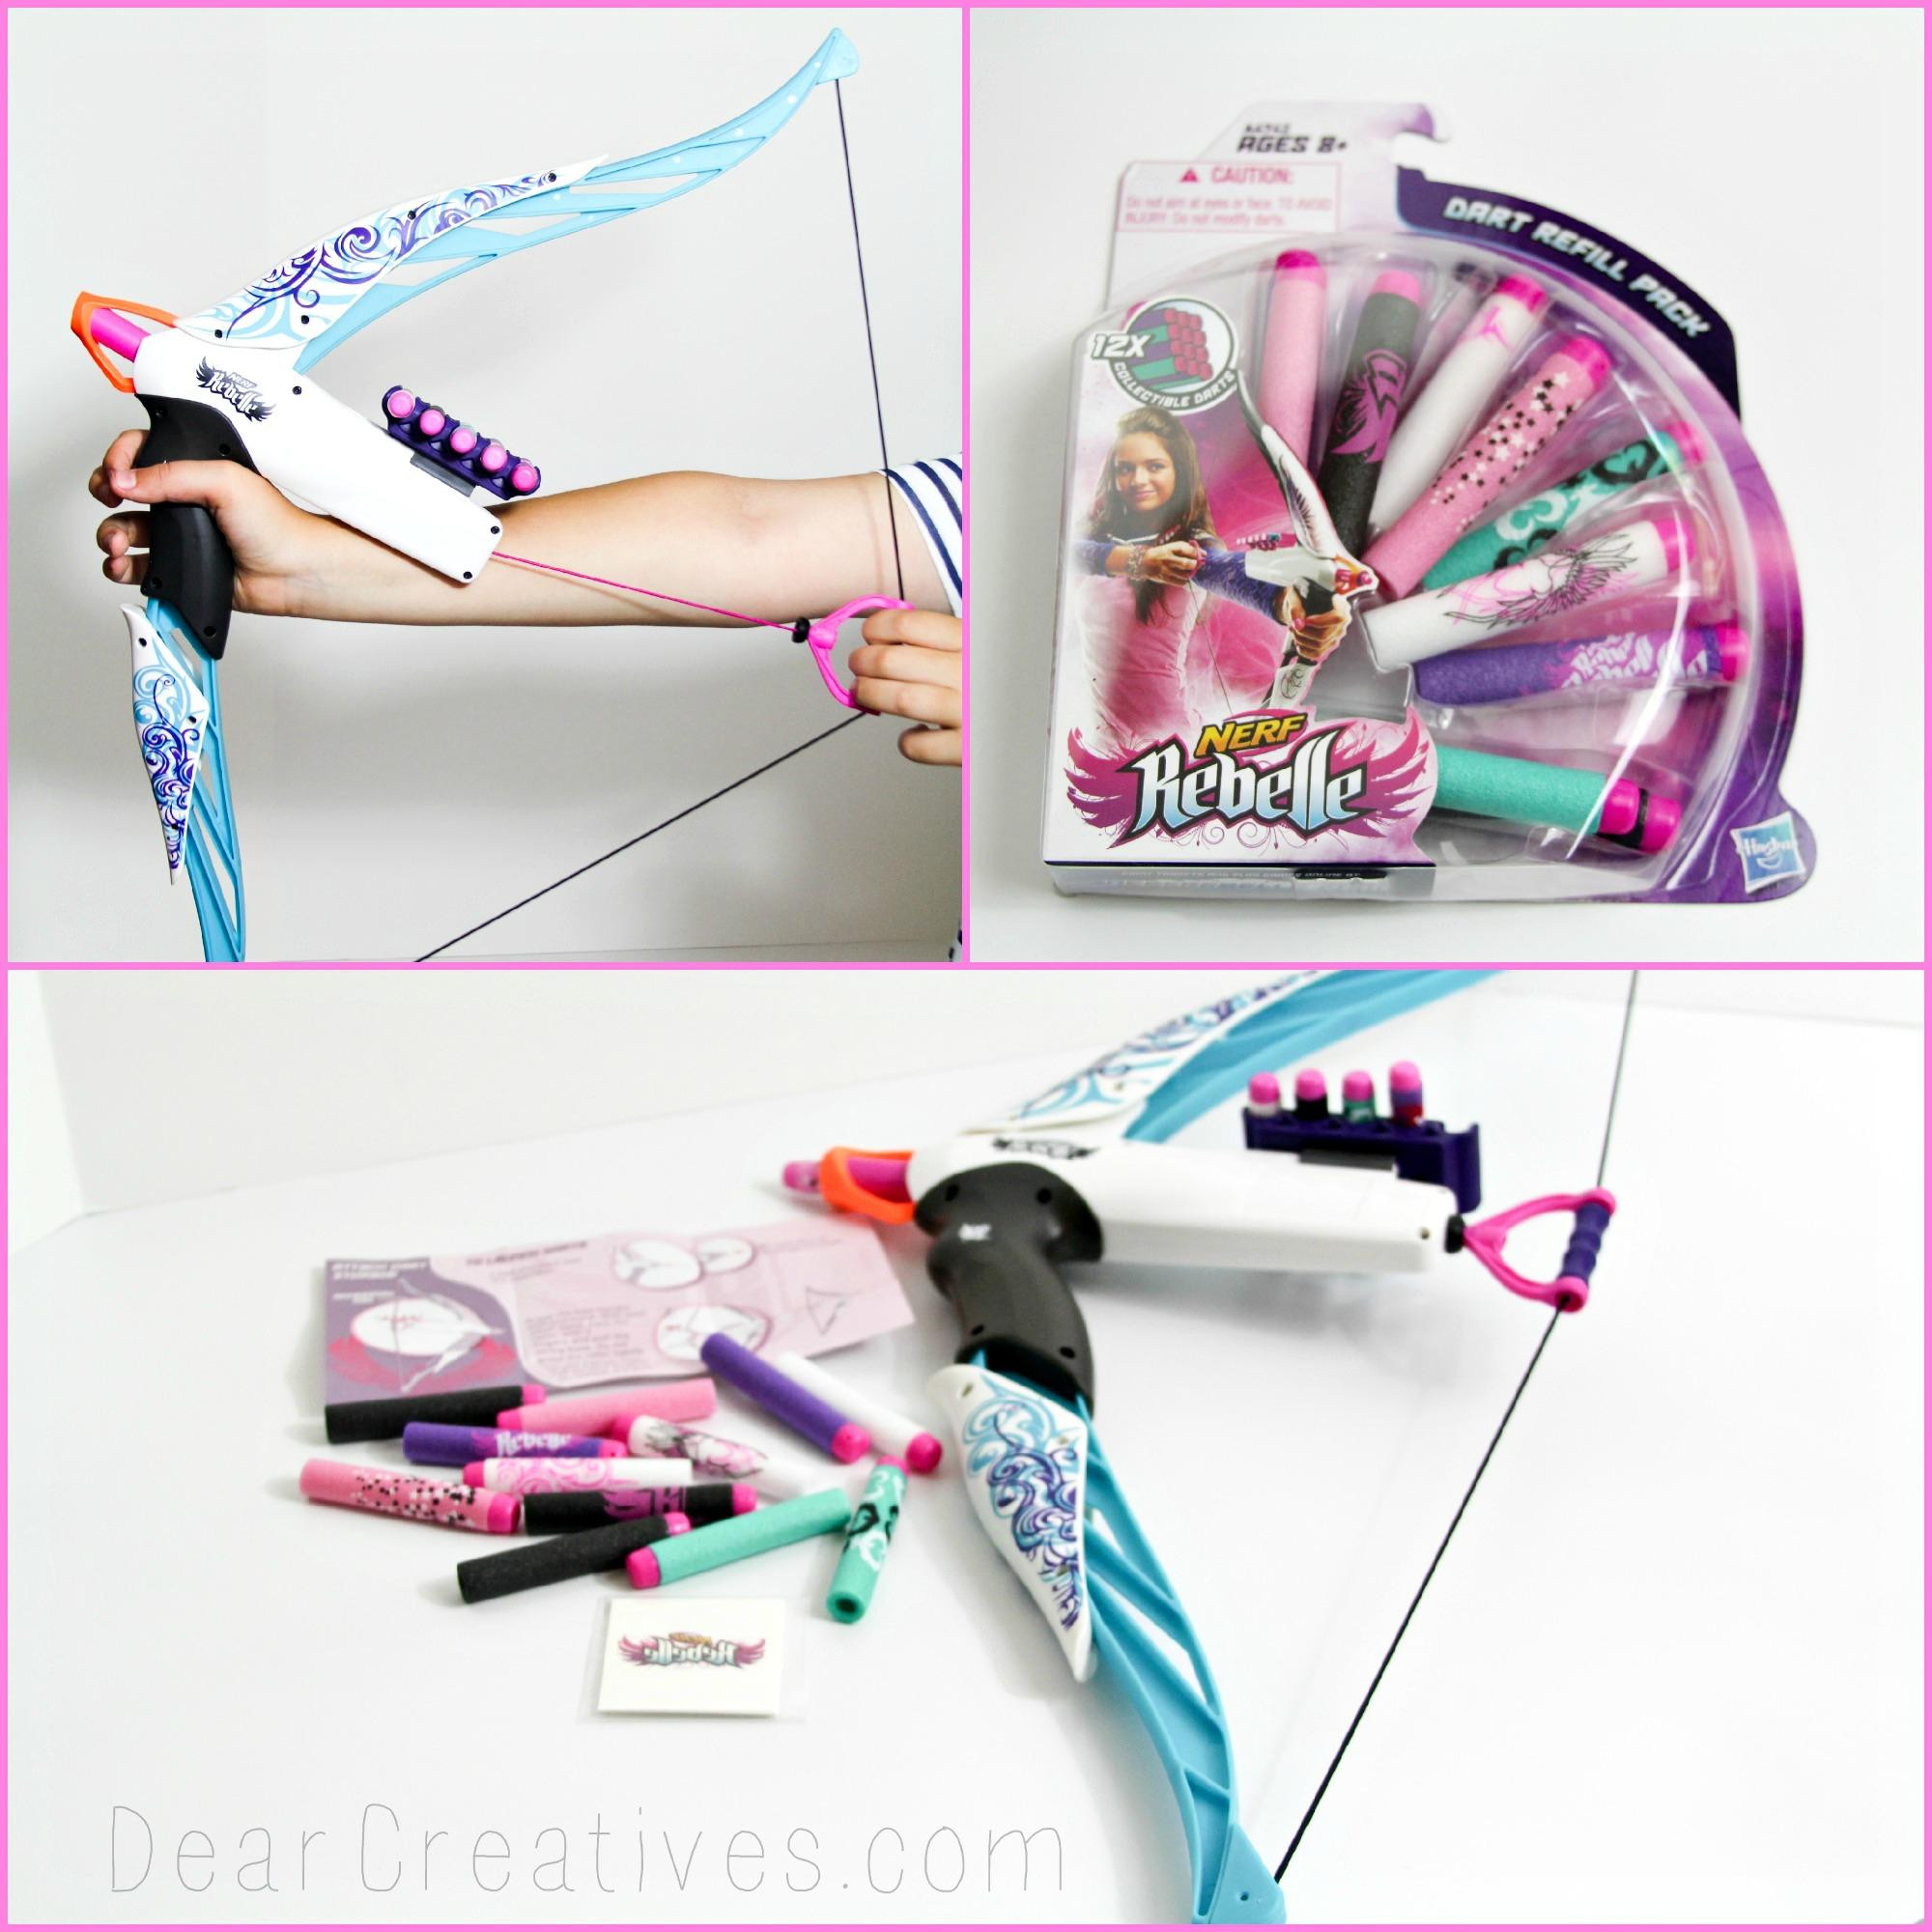 new toy in town nerf rebelle heartbreaker bow dear